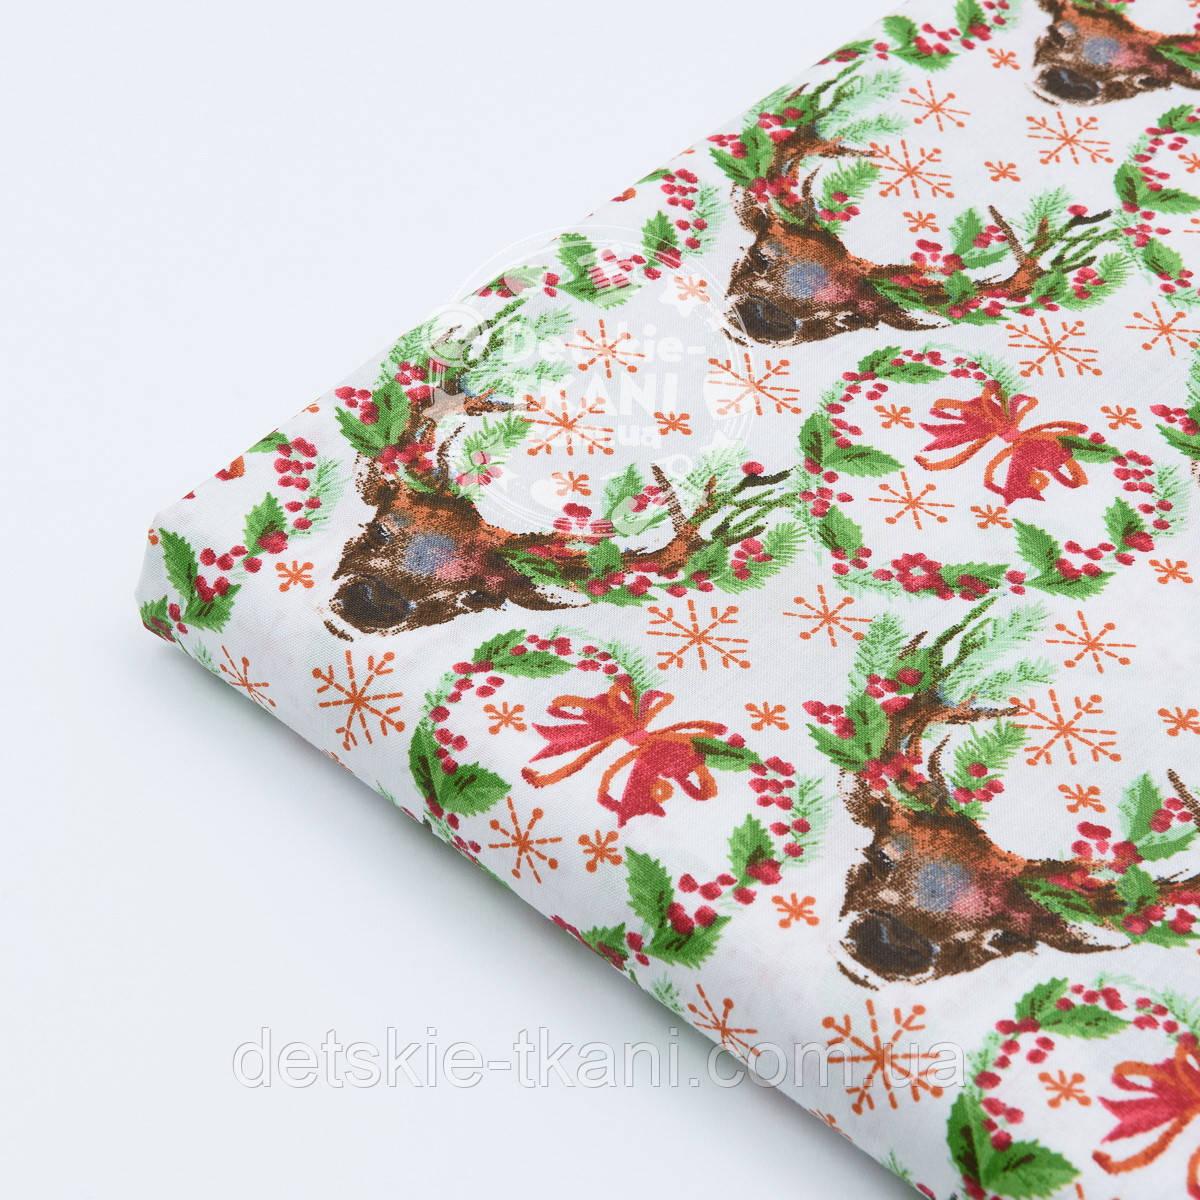 """Отрез новогодней ткани """"Олени с зелёными ветками на рогах"""" на белом, № 1593а, размер 53*160"""